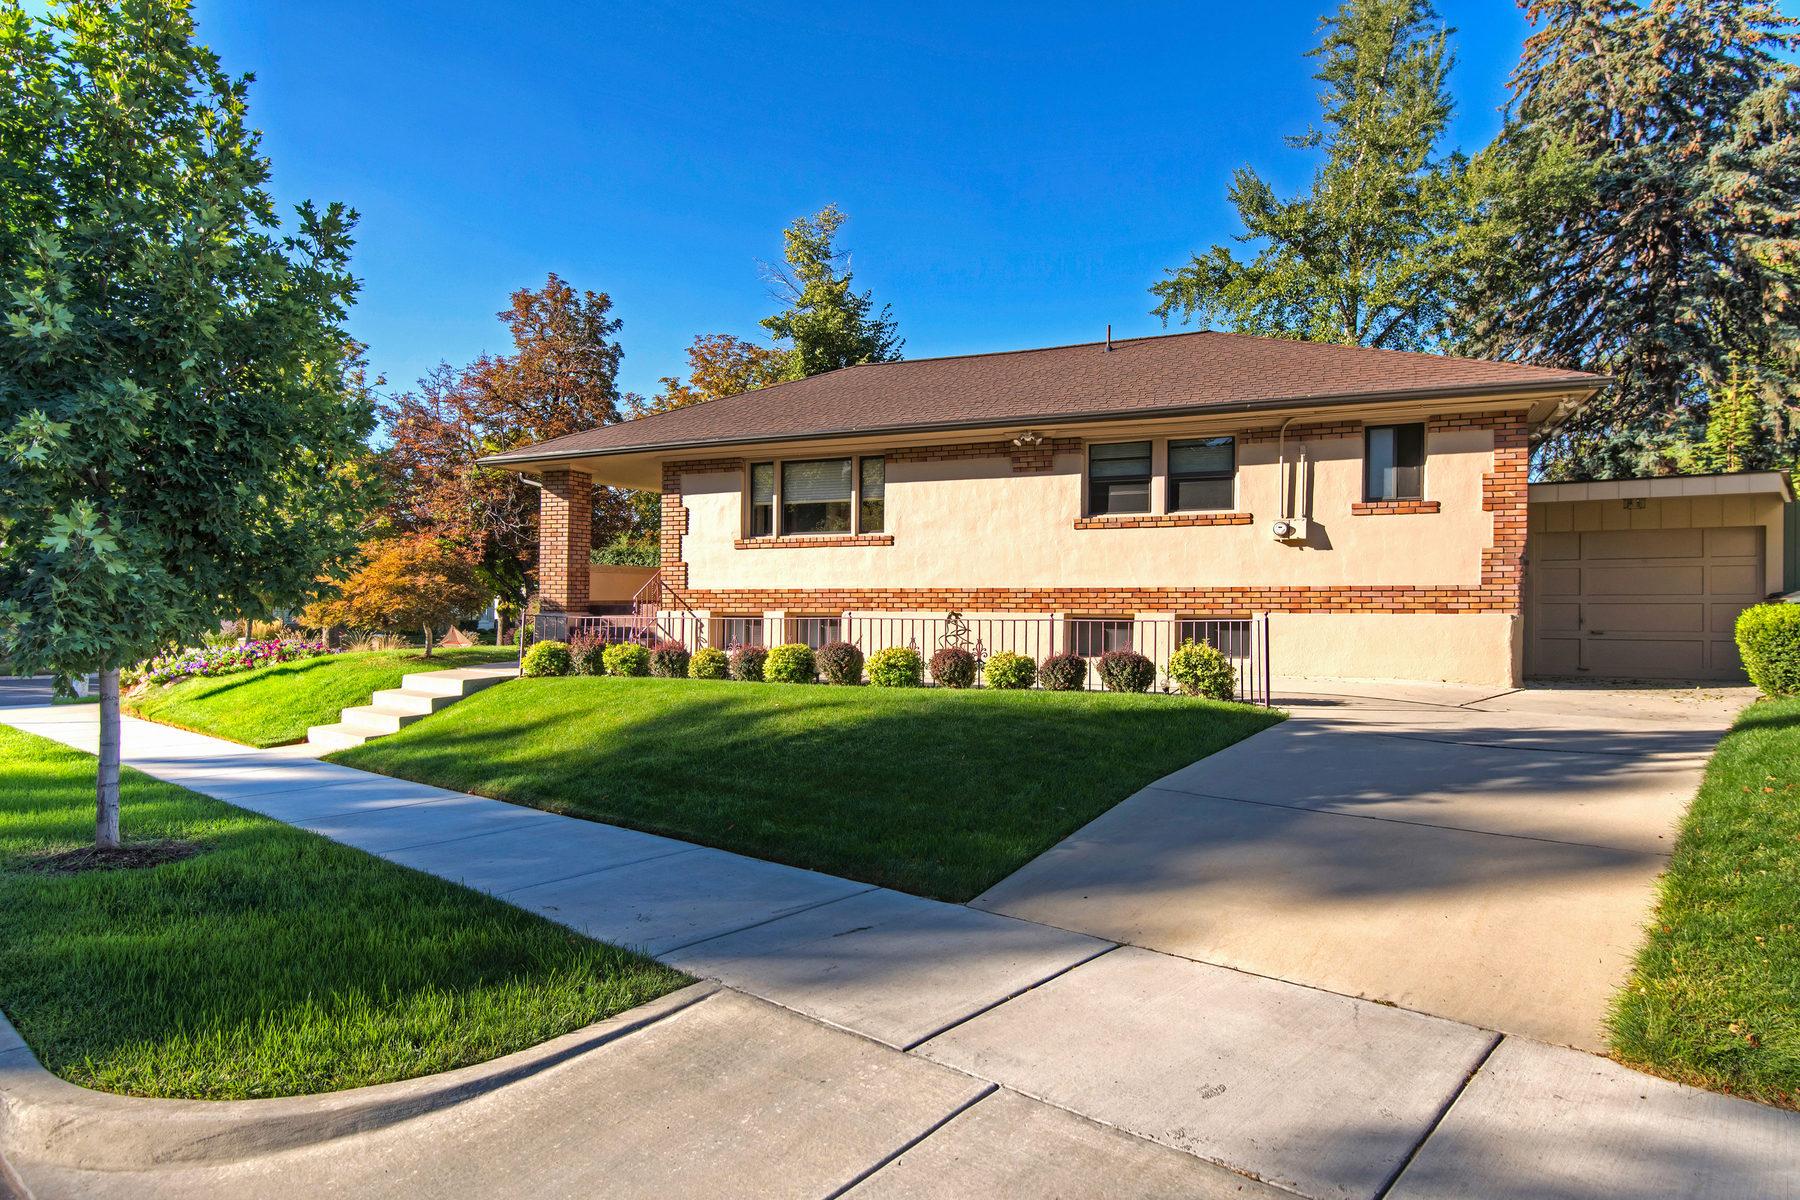 Maison unifamiliale pour l Vente à Charming Bungalow 948 S Greenwood Terrace Salt Lake City, Utah 84105 États-Unis